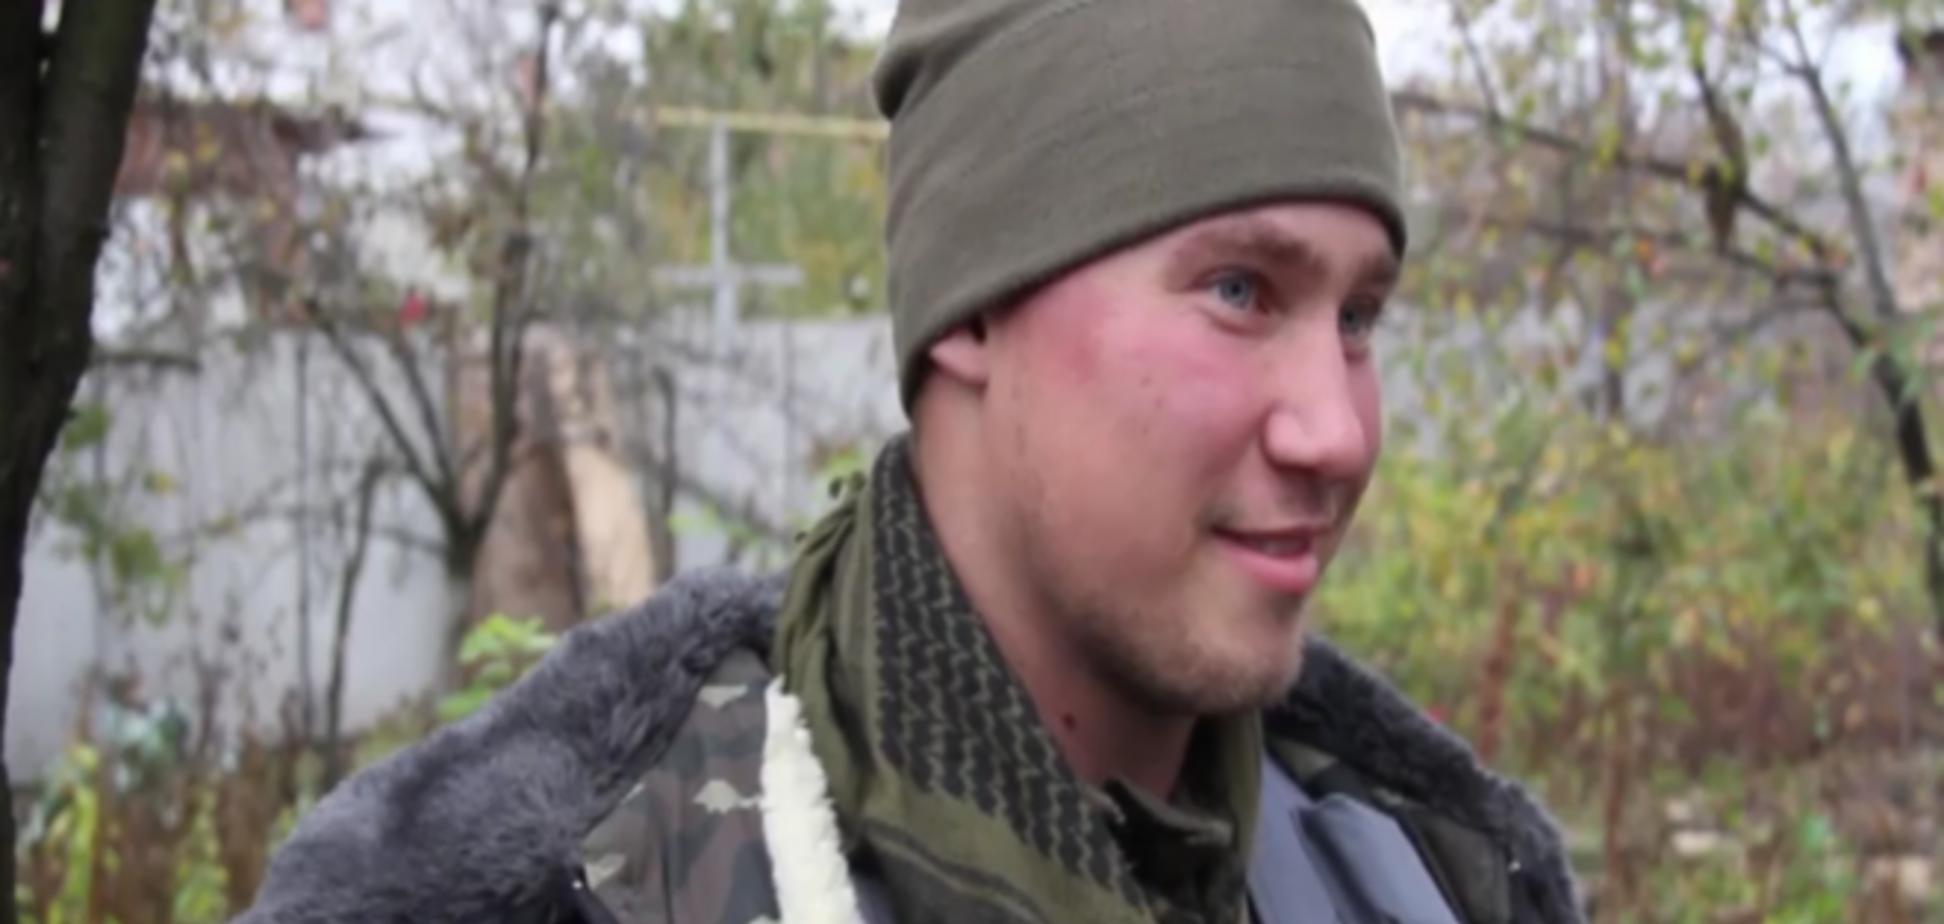 Российский солдат ФСБ, воюющий в составе 'Правого Сектора', рассказал, почему сражается за свободу Украины